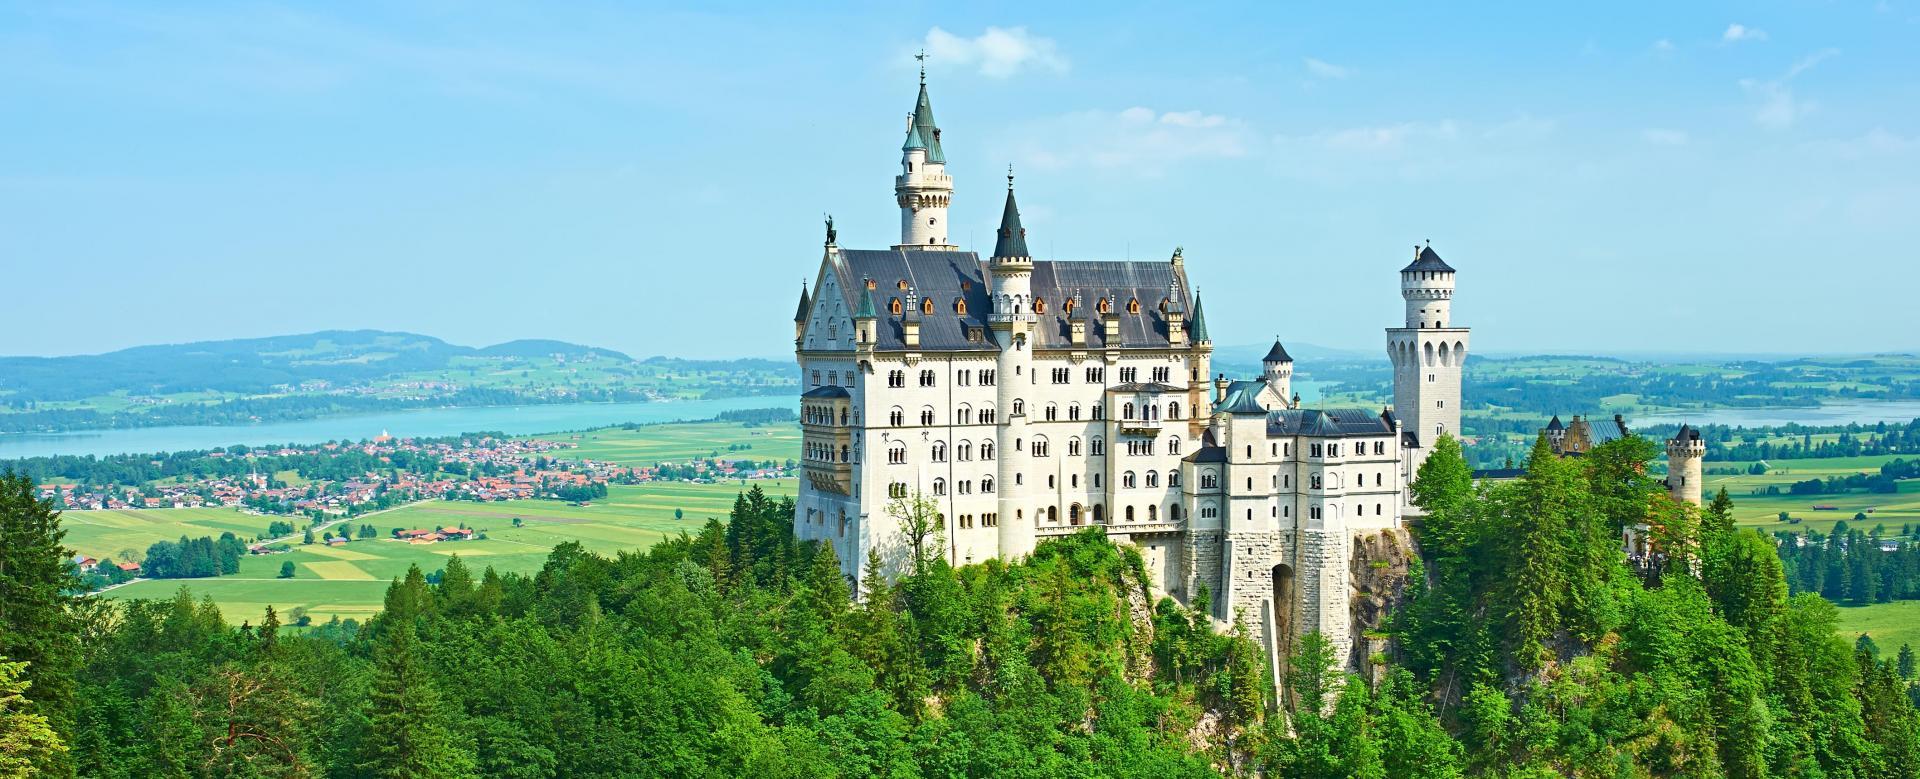 Voyage à pied : Bavière romantique et bucolique